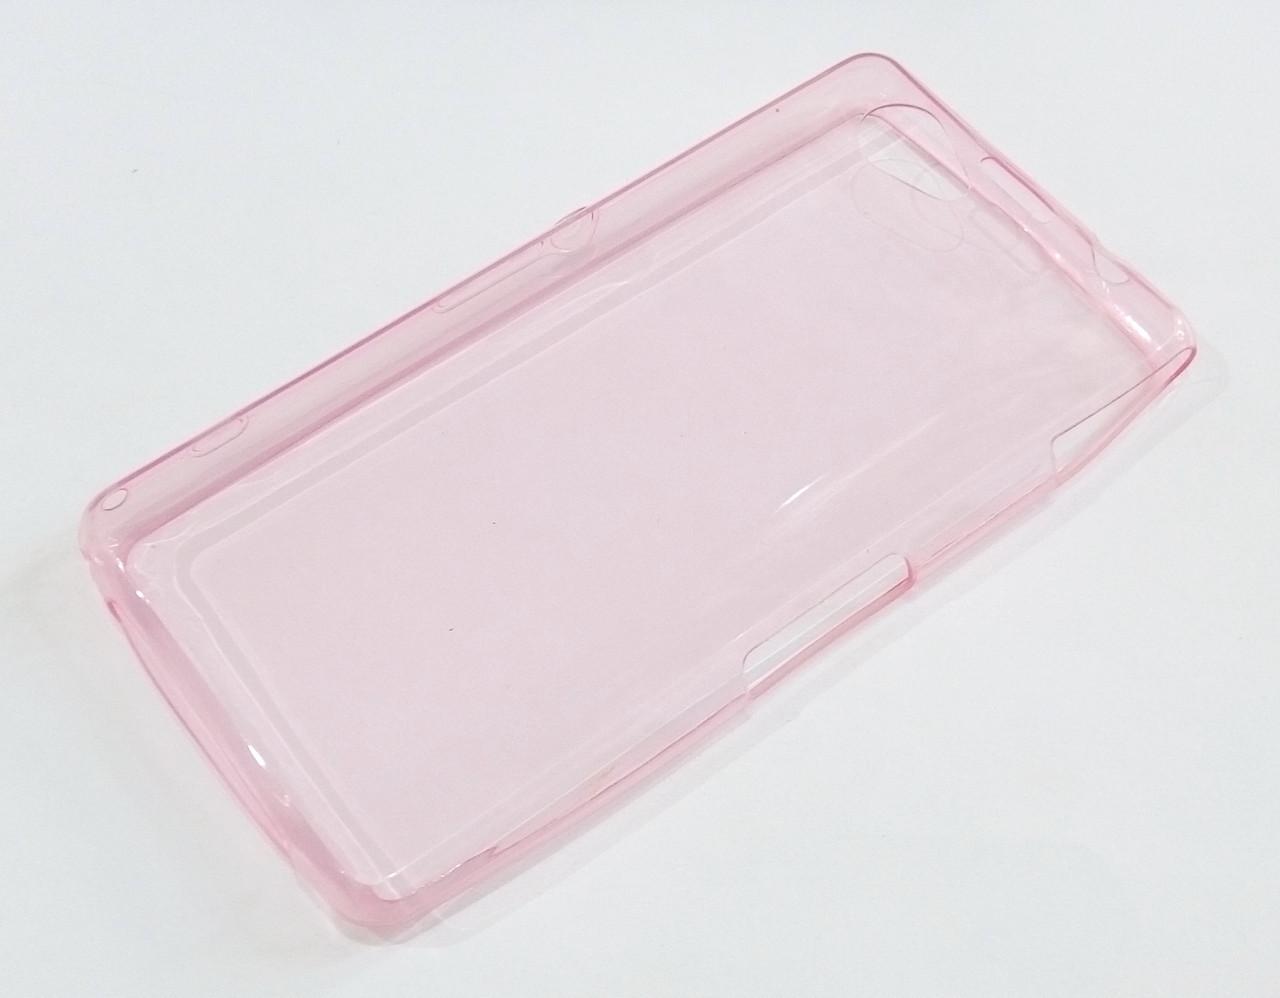 Чехол для Sony Xperia Z1 Compact D5503 силиконовый ультратонкий прозрачный розовый